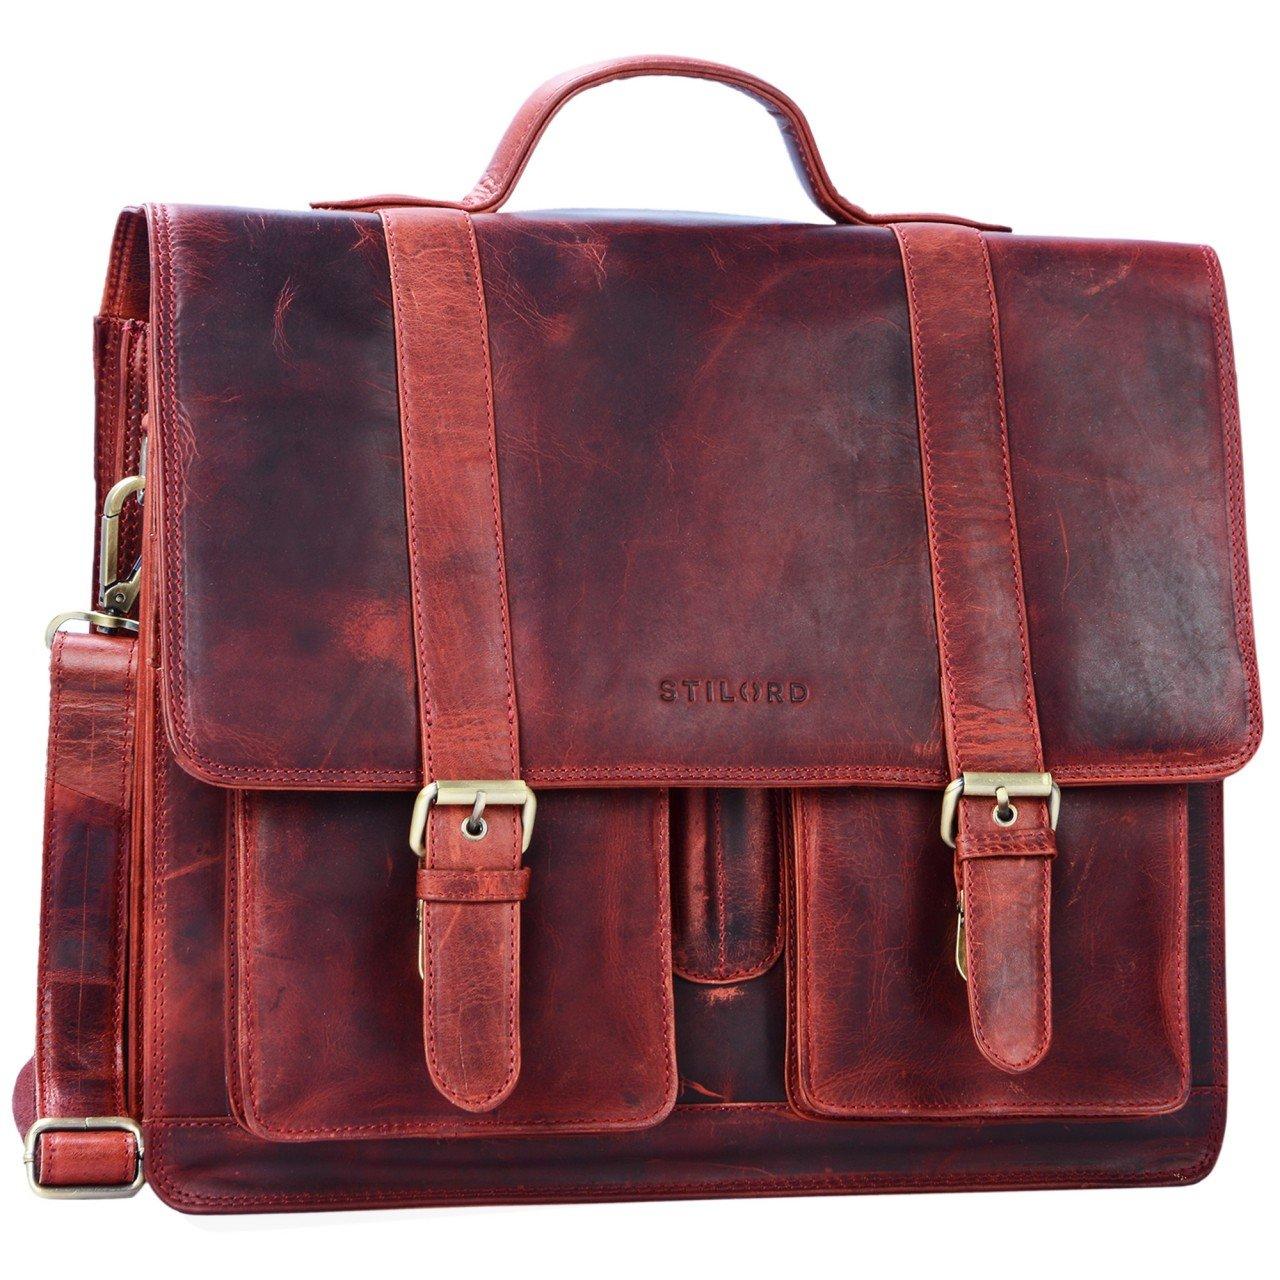 STILORD 'Marius' Klassische Lehrertasche Leder Schultasche XL groß Aktentasche zum Umhängen Businesstasche Laptoptasche echtes Rindsleder , Farbe:kara - rot